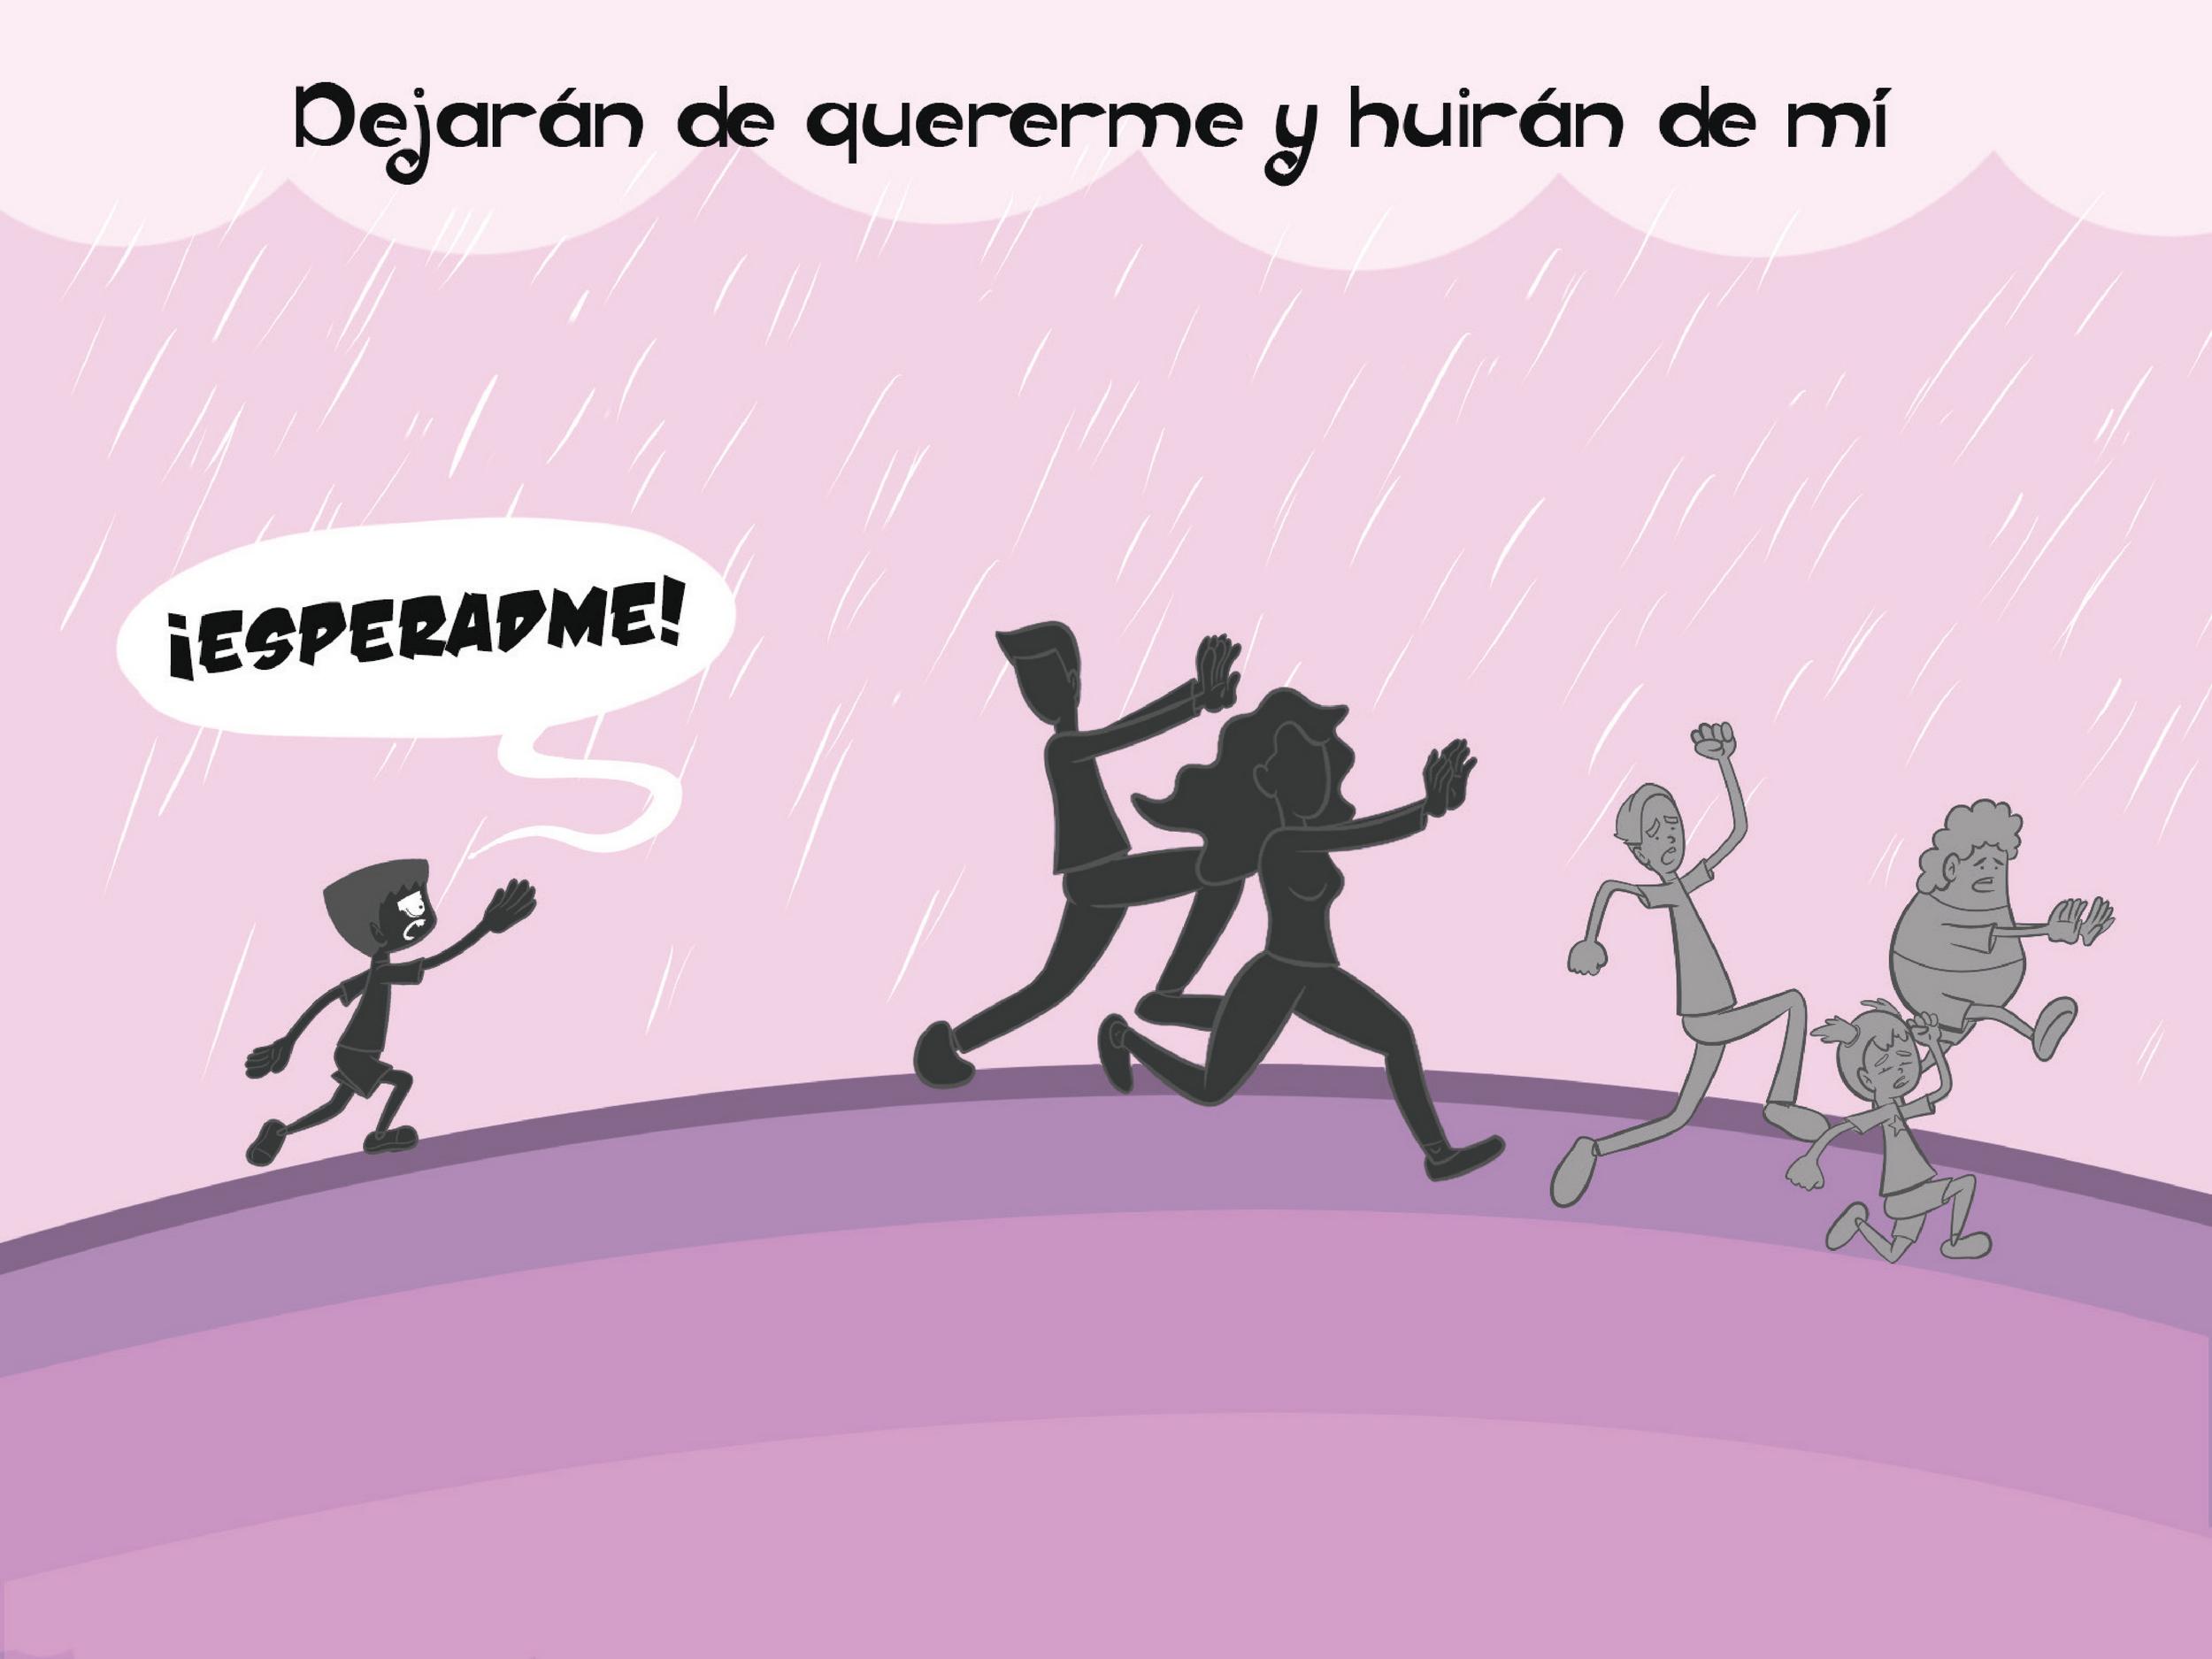 El_niño_puños_Hulk_Javi_Fernandez_Mañas_El niño con los puños de Hulk_page-0016_2500_0016